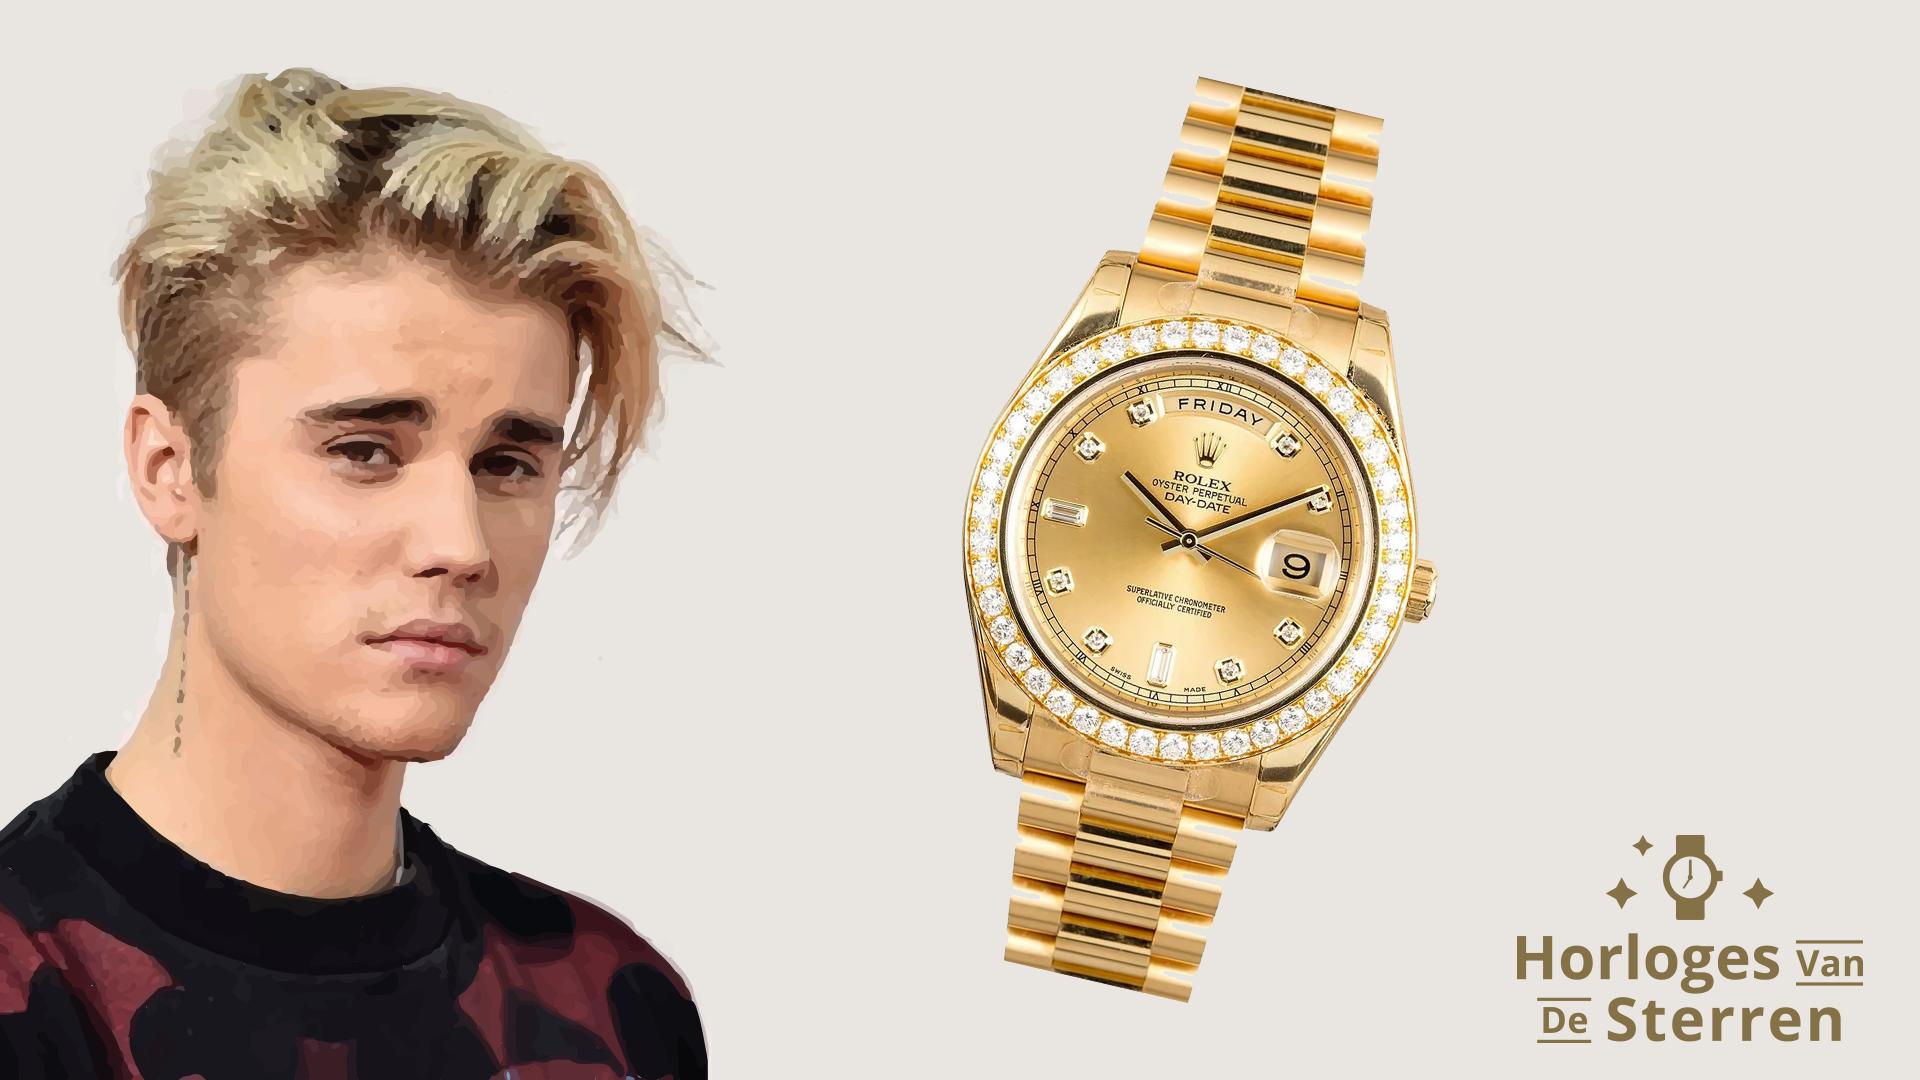 Horloges van de Sterren Justin Bieber